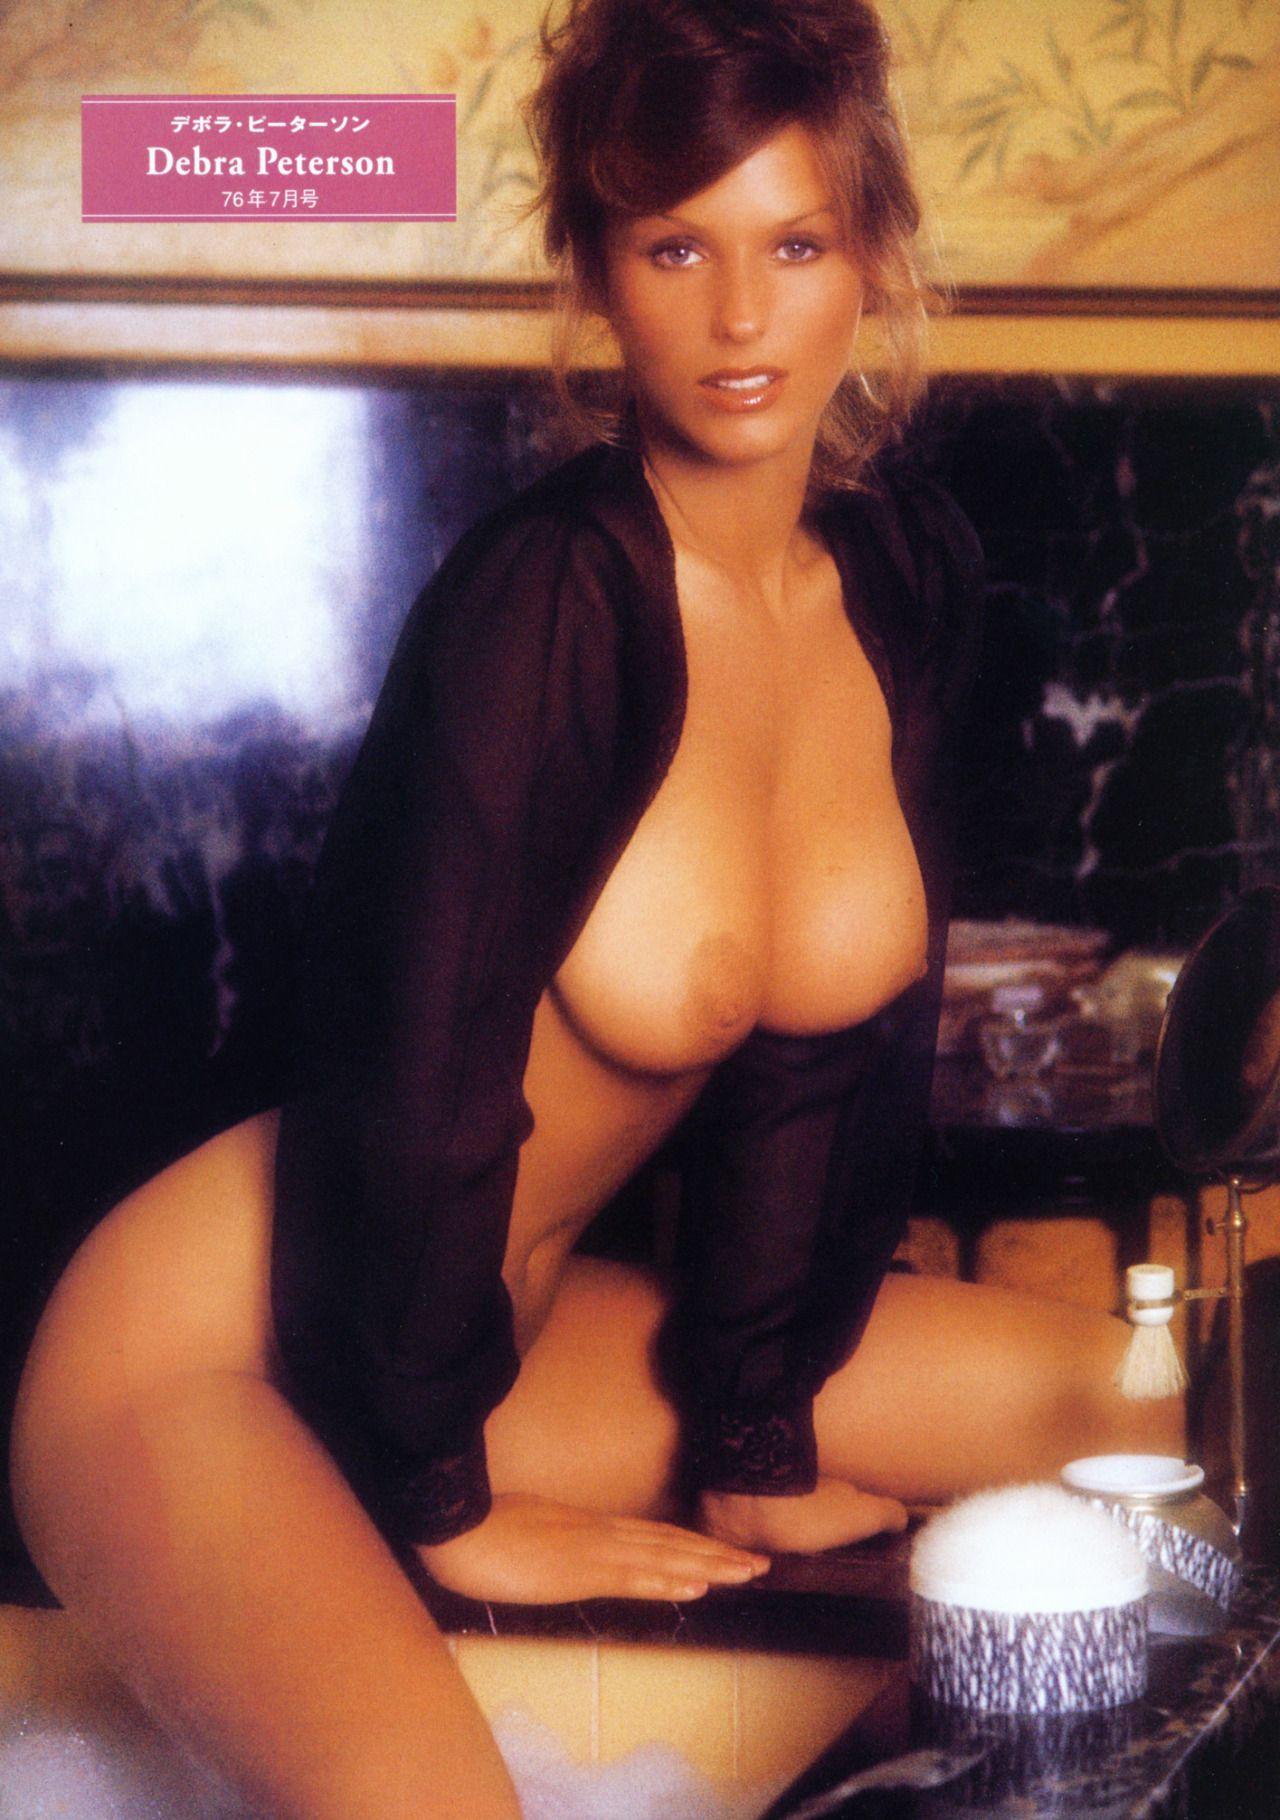 peterson debra nude playmate Playboy